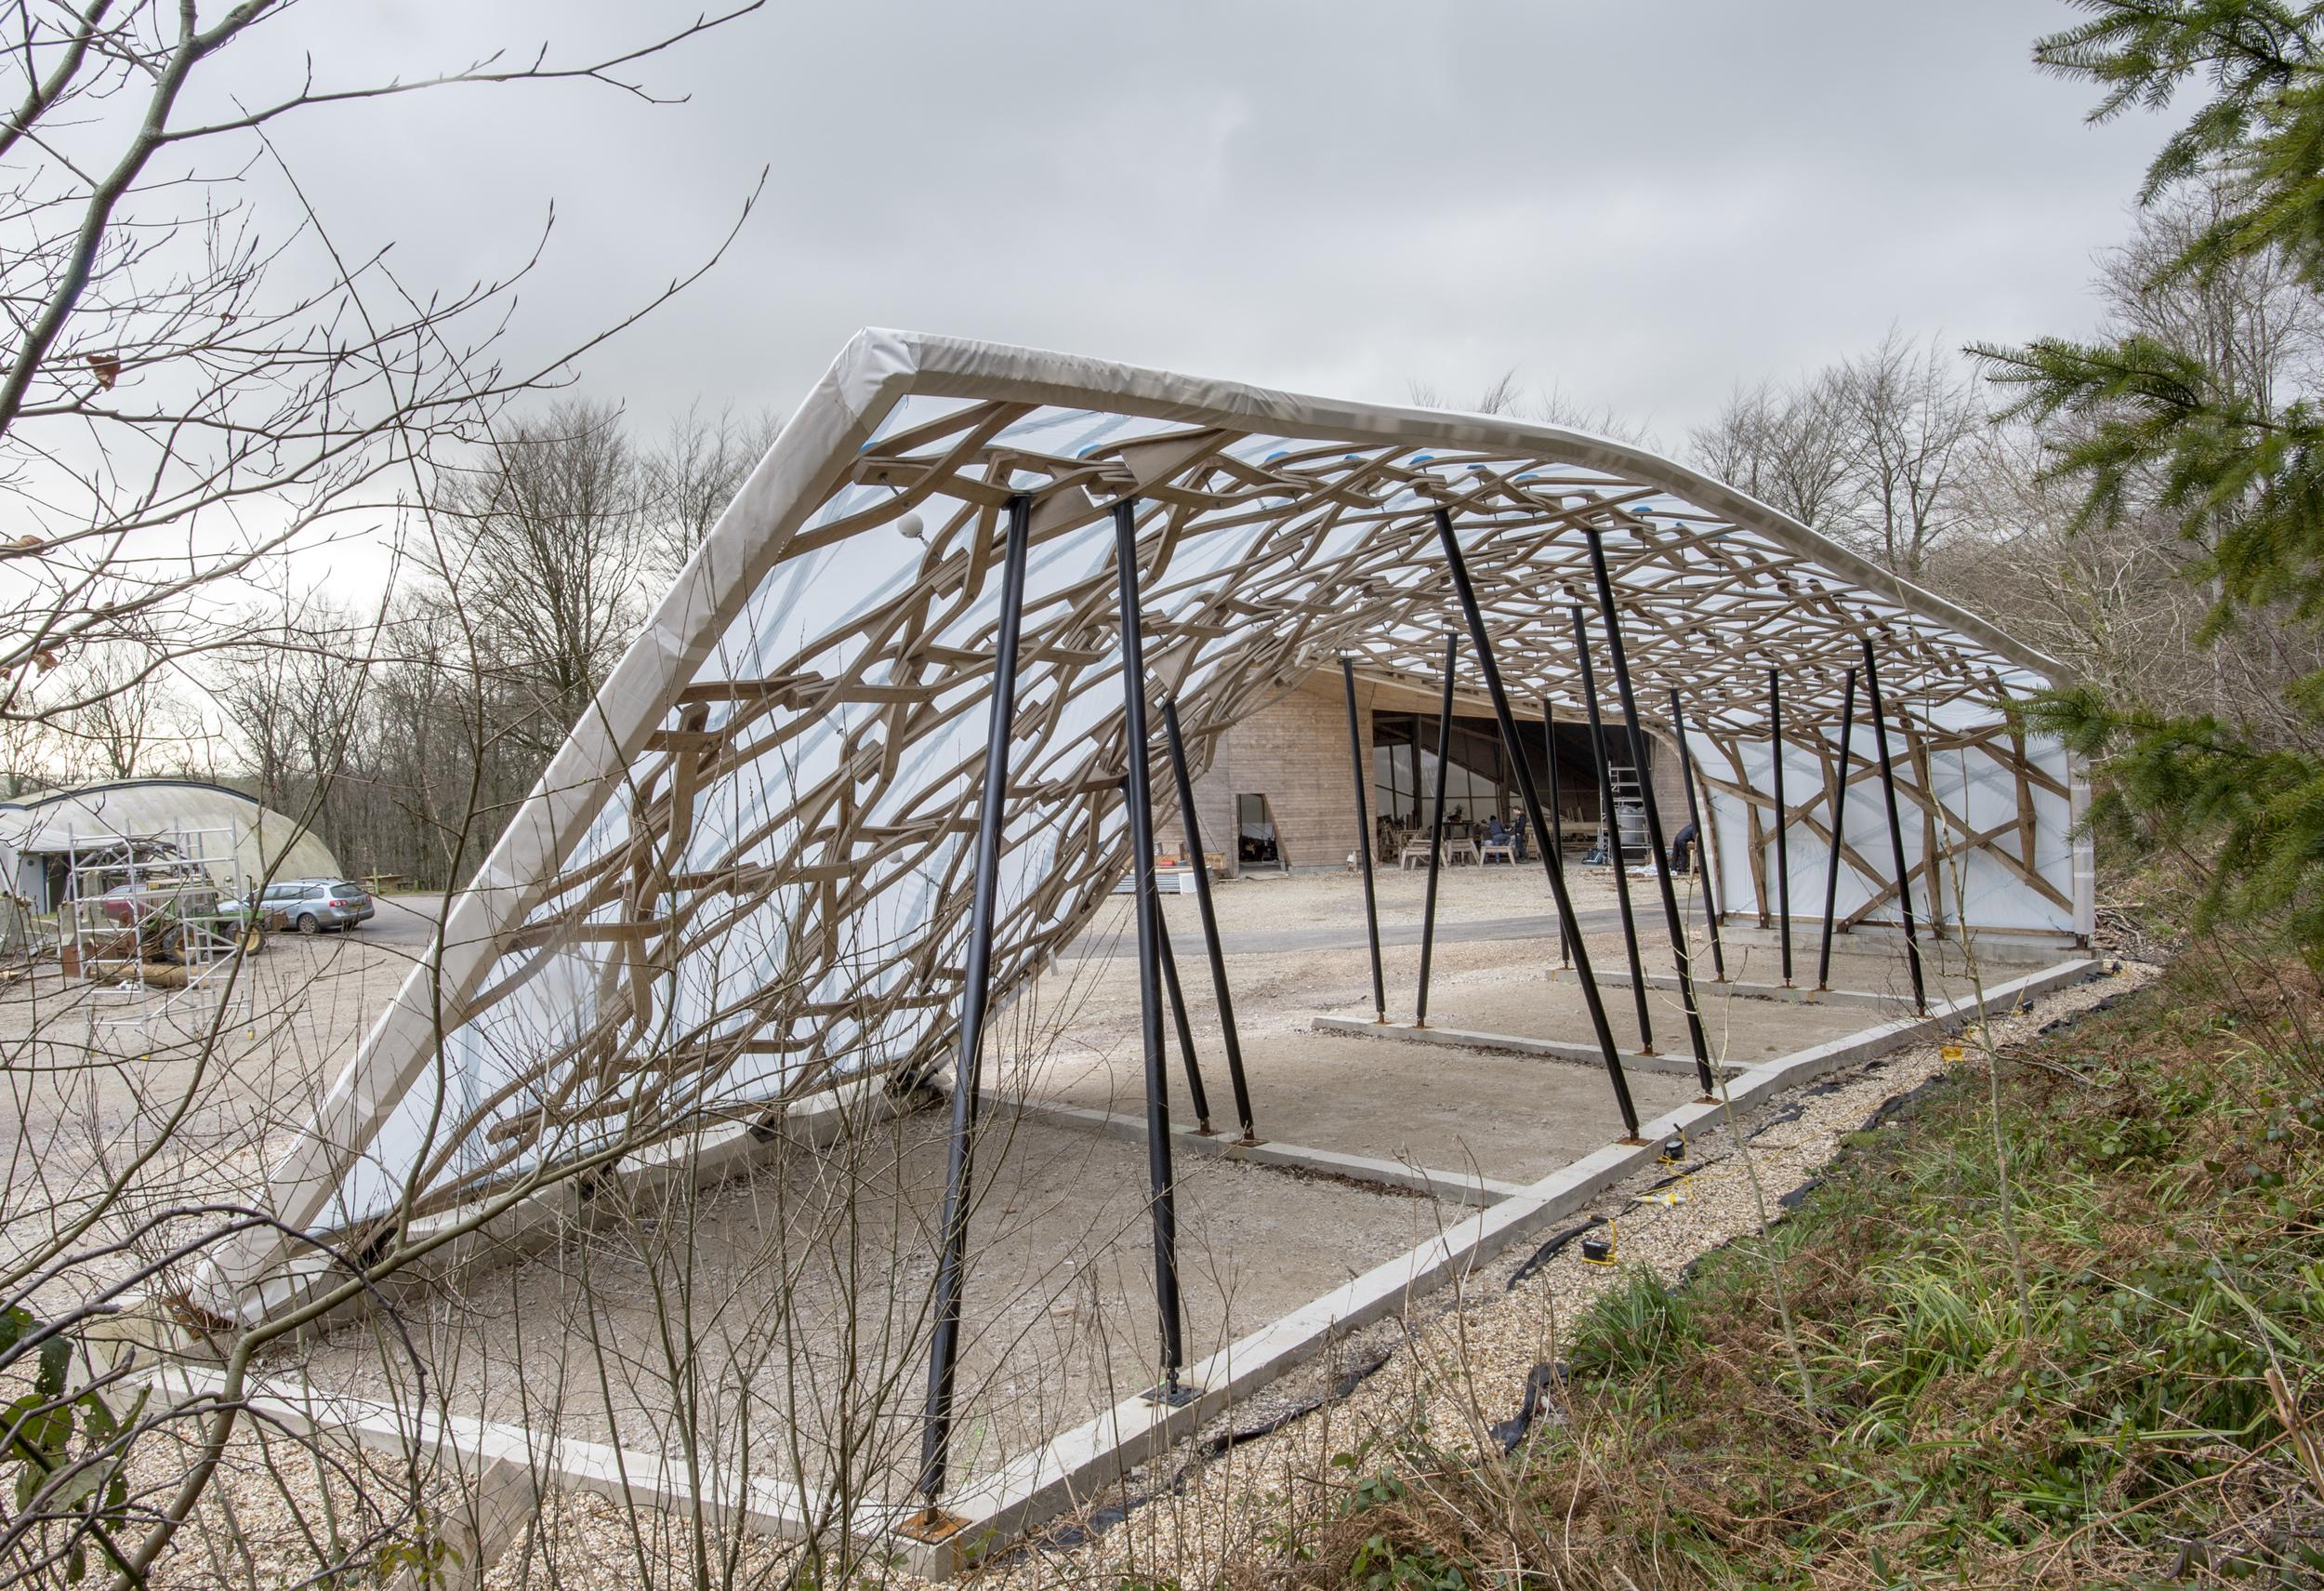 Hooke_Park_Design_&_Make_Timber_Seasoning_Shelter_©Valerie_Bennett_2014_02_22_0034.jpg